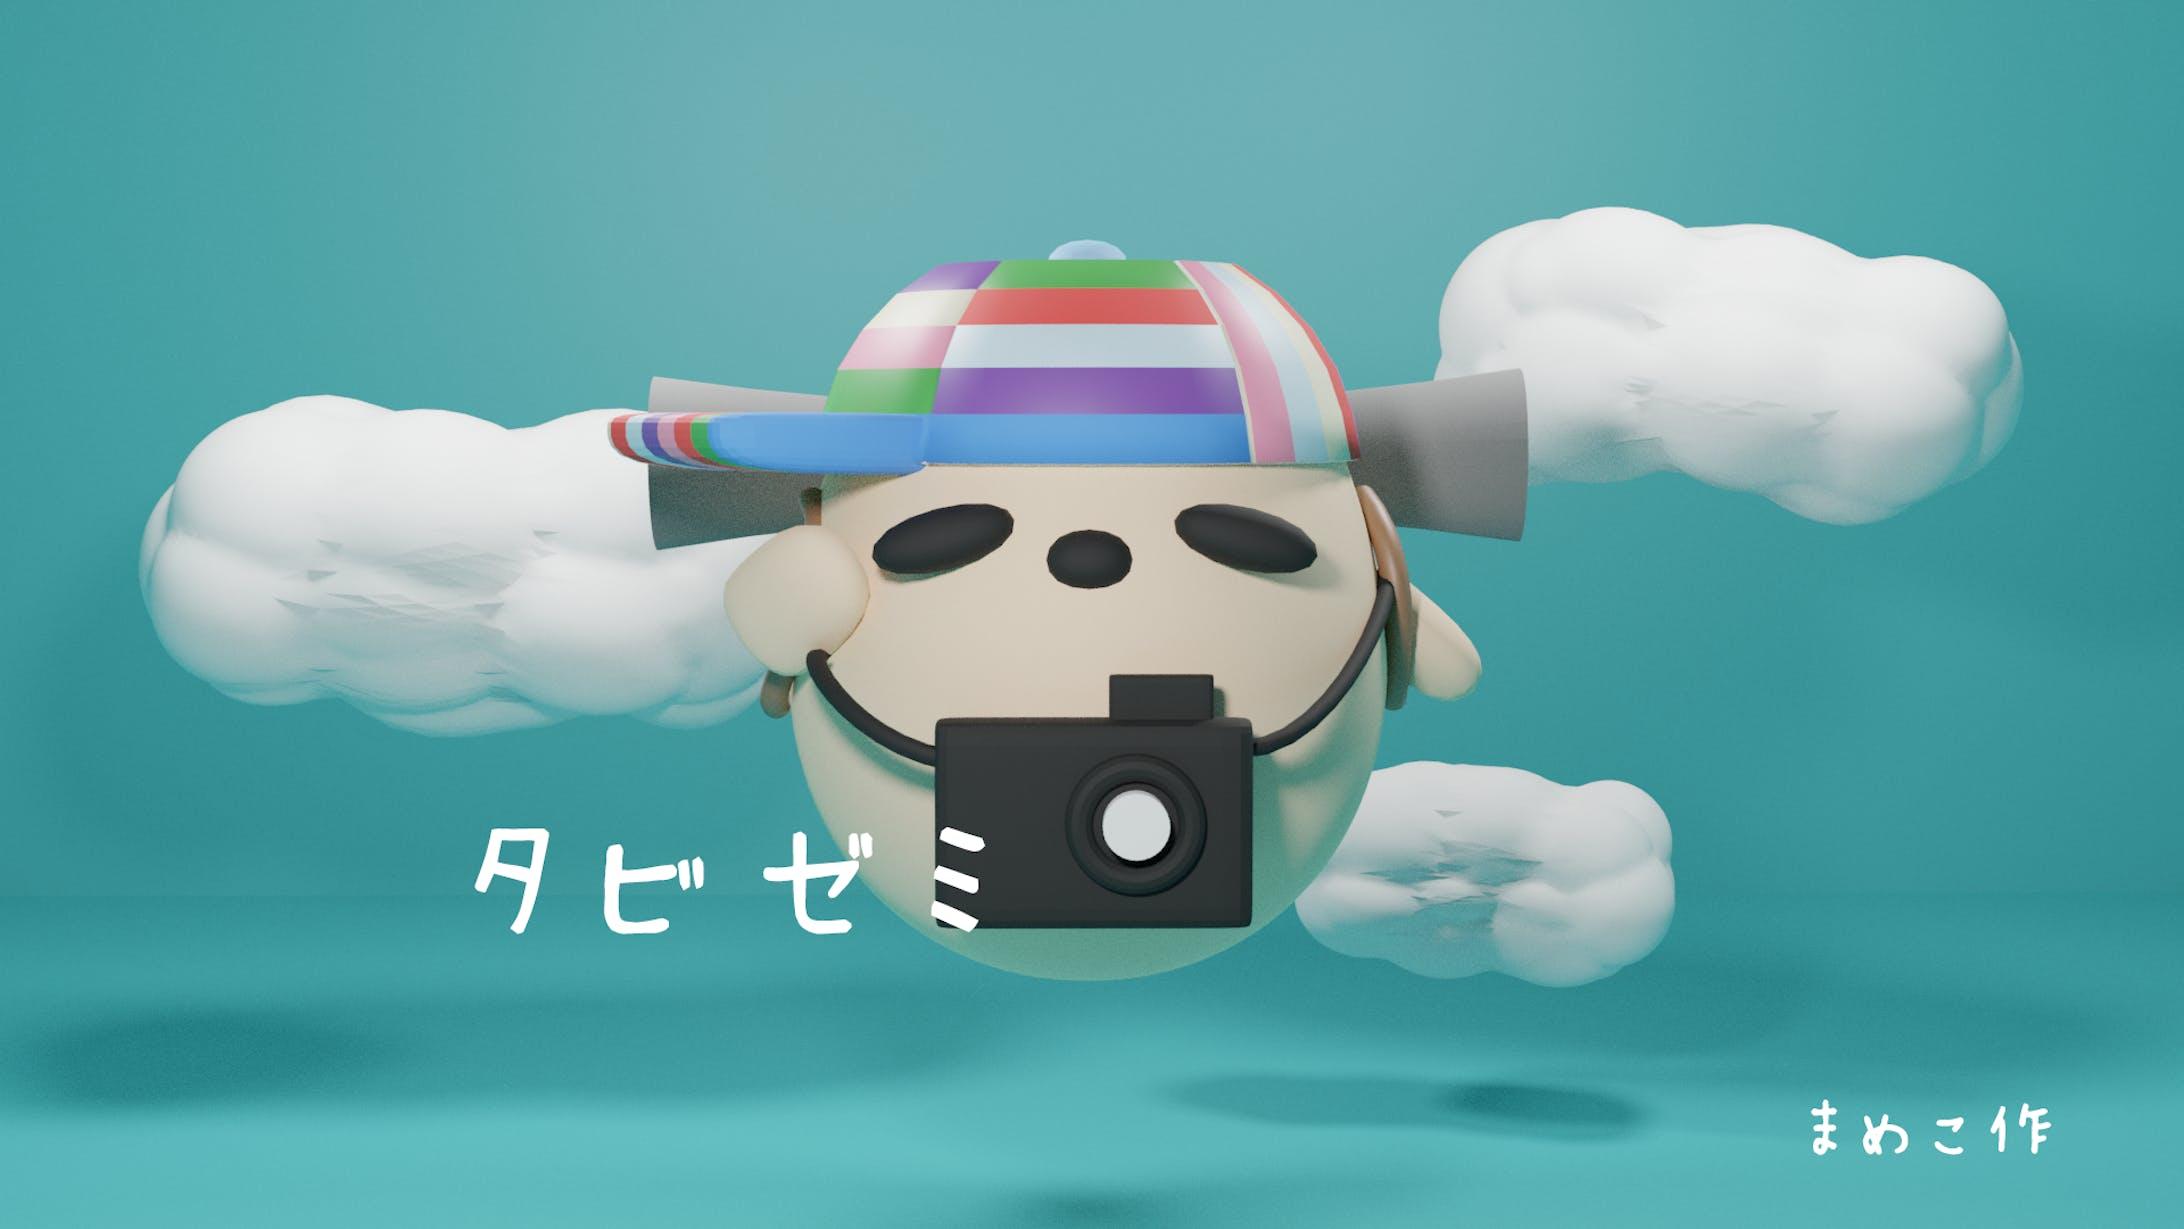 旅ゼミマスコットキャラクター『たびすけ』-1